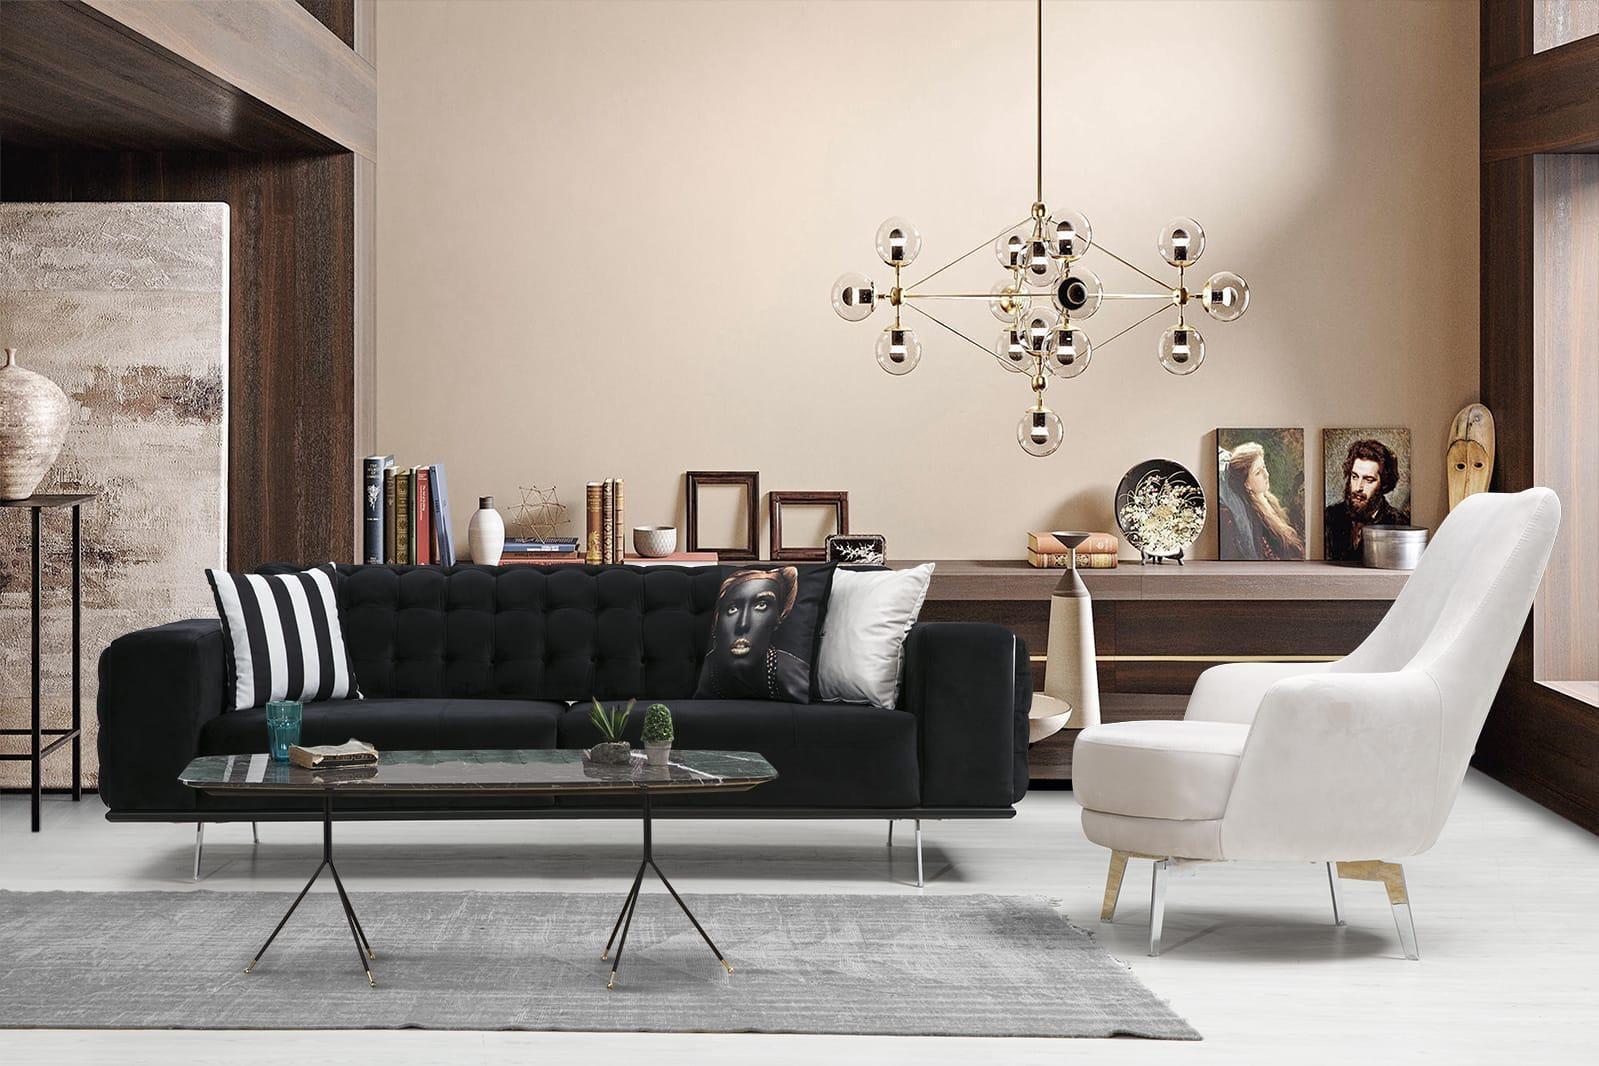 Modern Lucca Koltuk Takımı modelimiz yatak olabilme özelliği ve şık tasarımı ile evinize şıklık katmaya Parlak Ev ile geliyor.